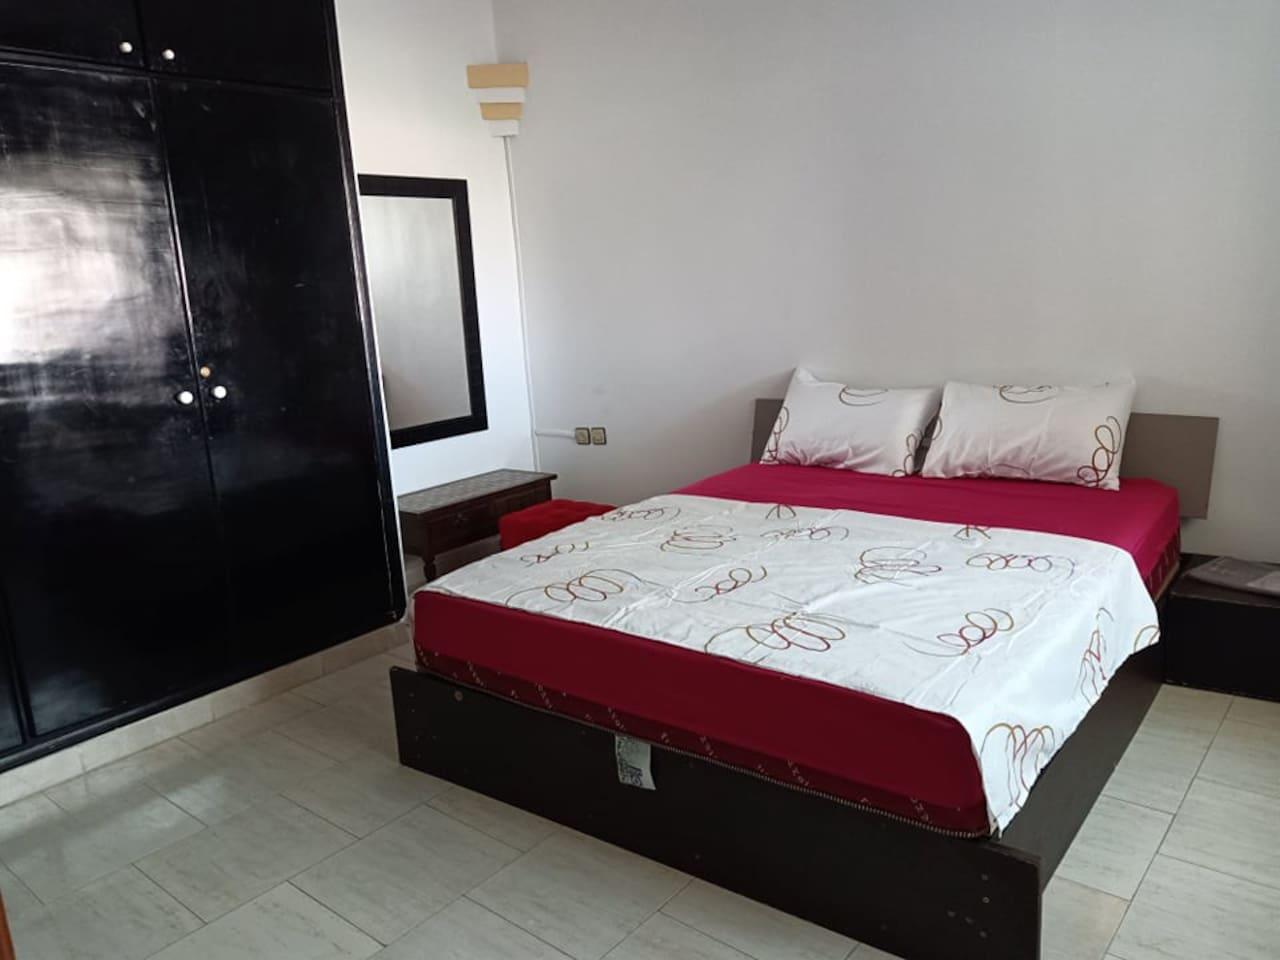 Chambre pour deux personnes avec un lit double